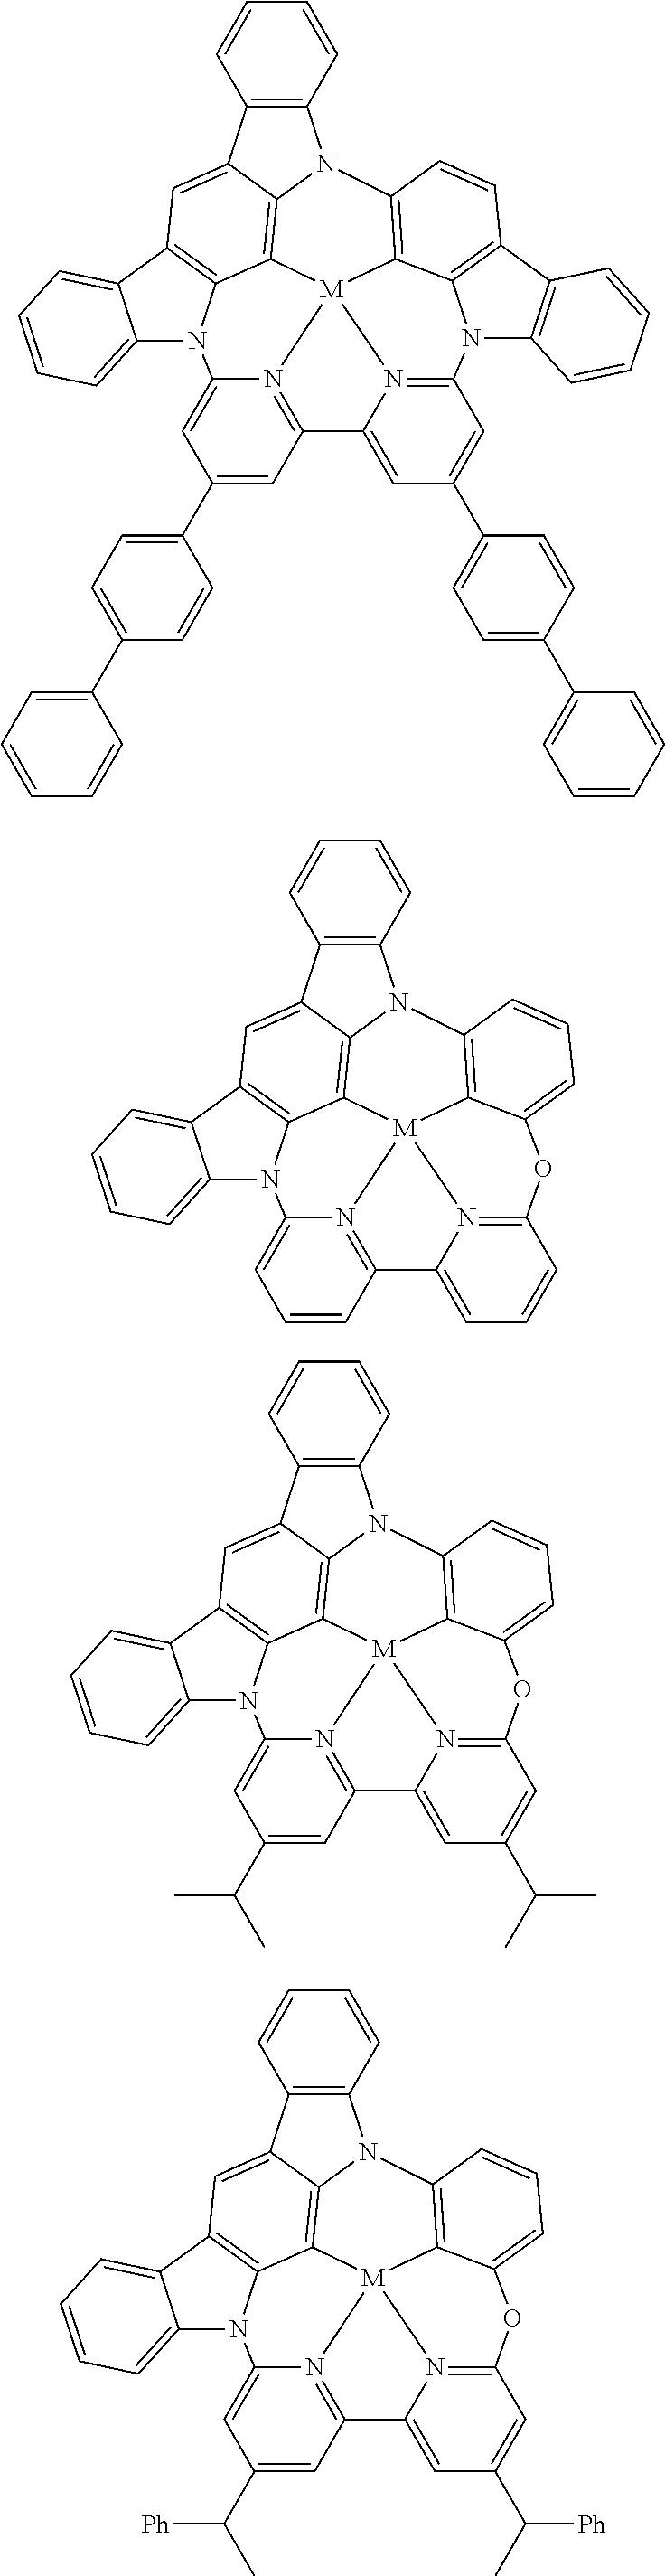 Figure US10158091-20181218-C00077